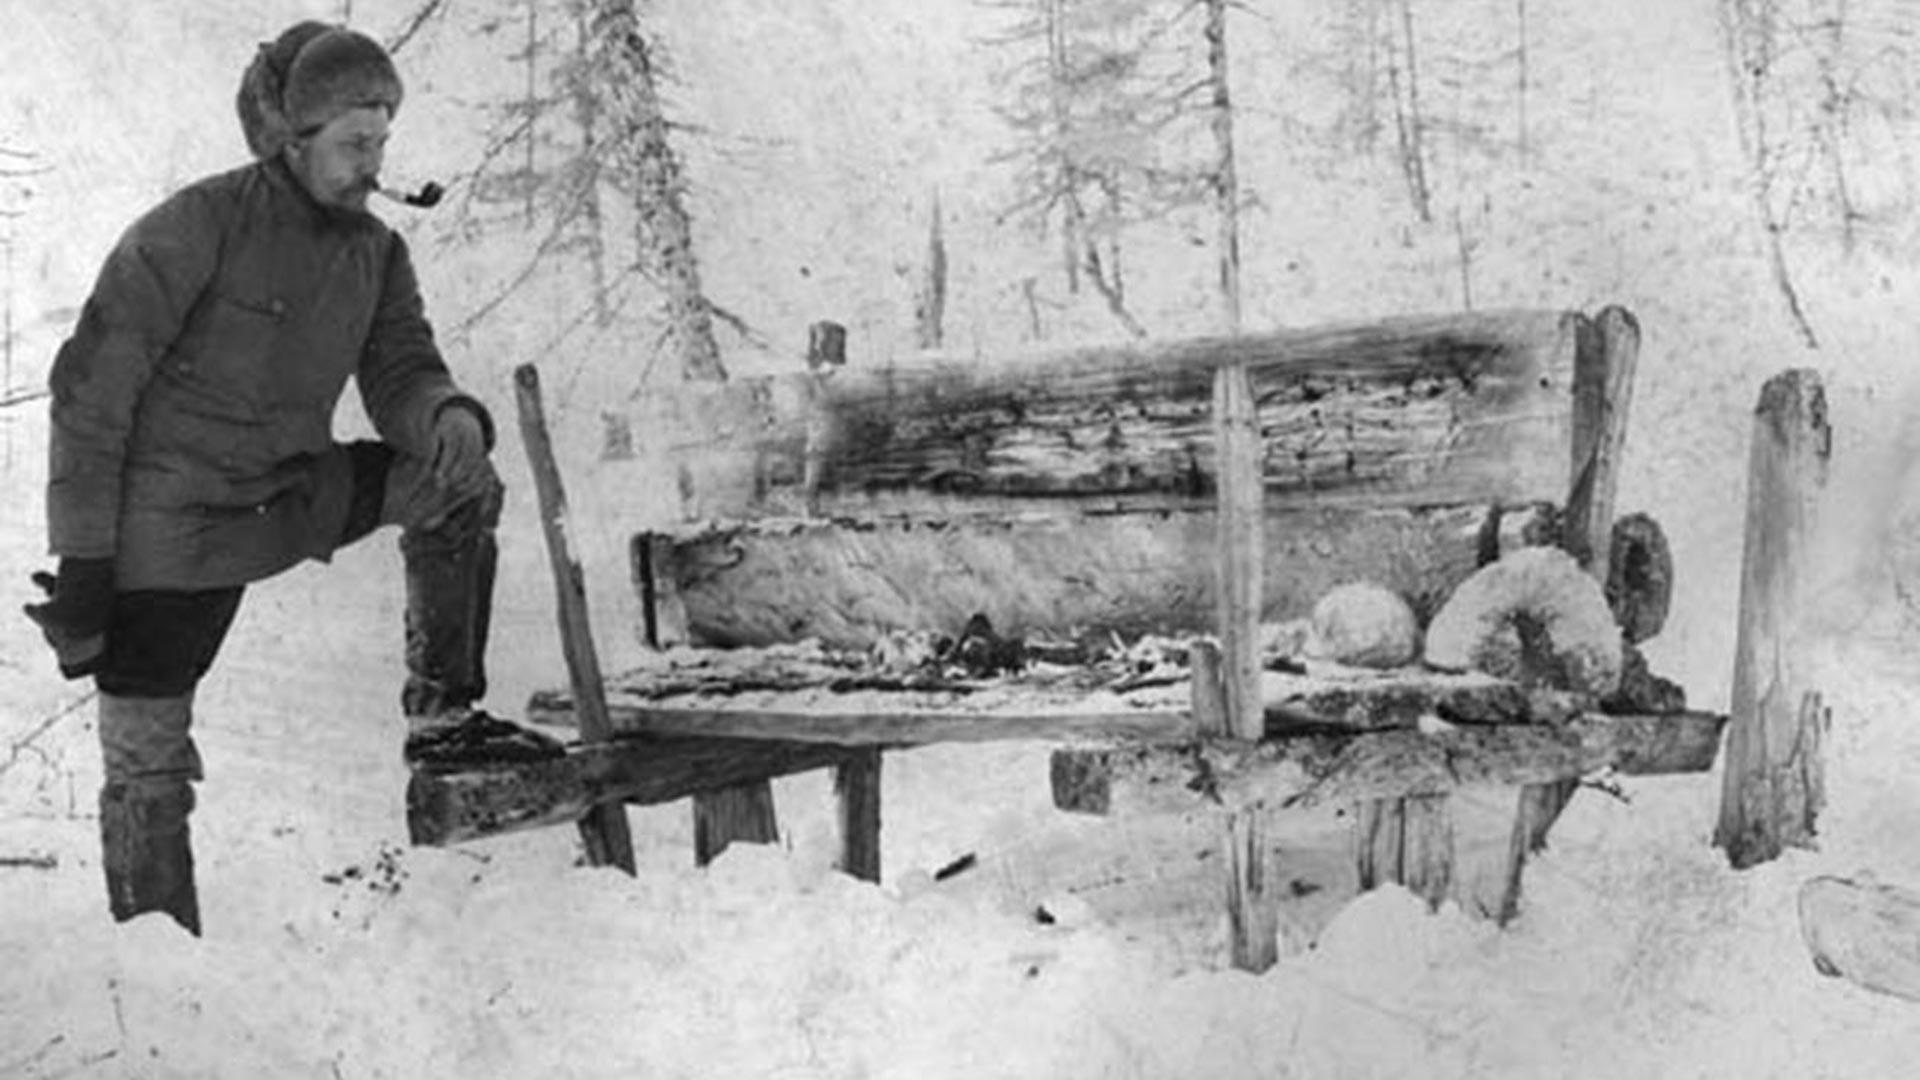 Etnograf V. Vasiljev in jakutski nadzemni grob v Jenisejski regiji, Sibirija, 1905